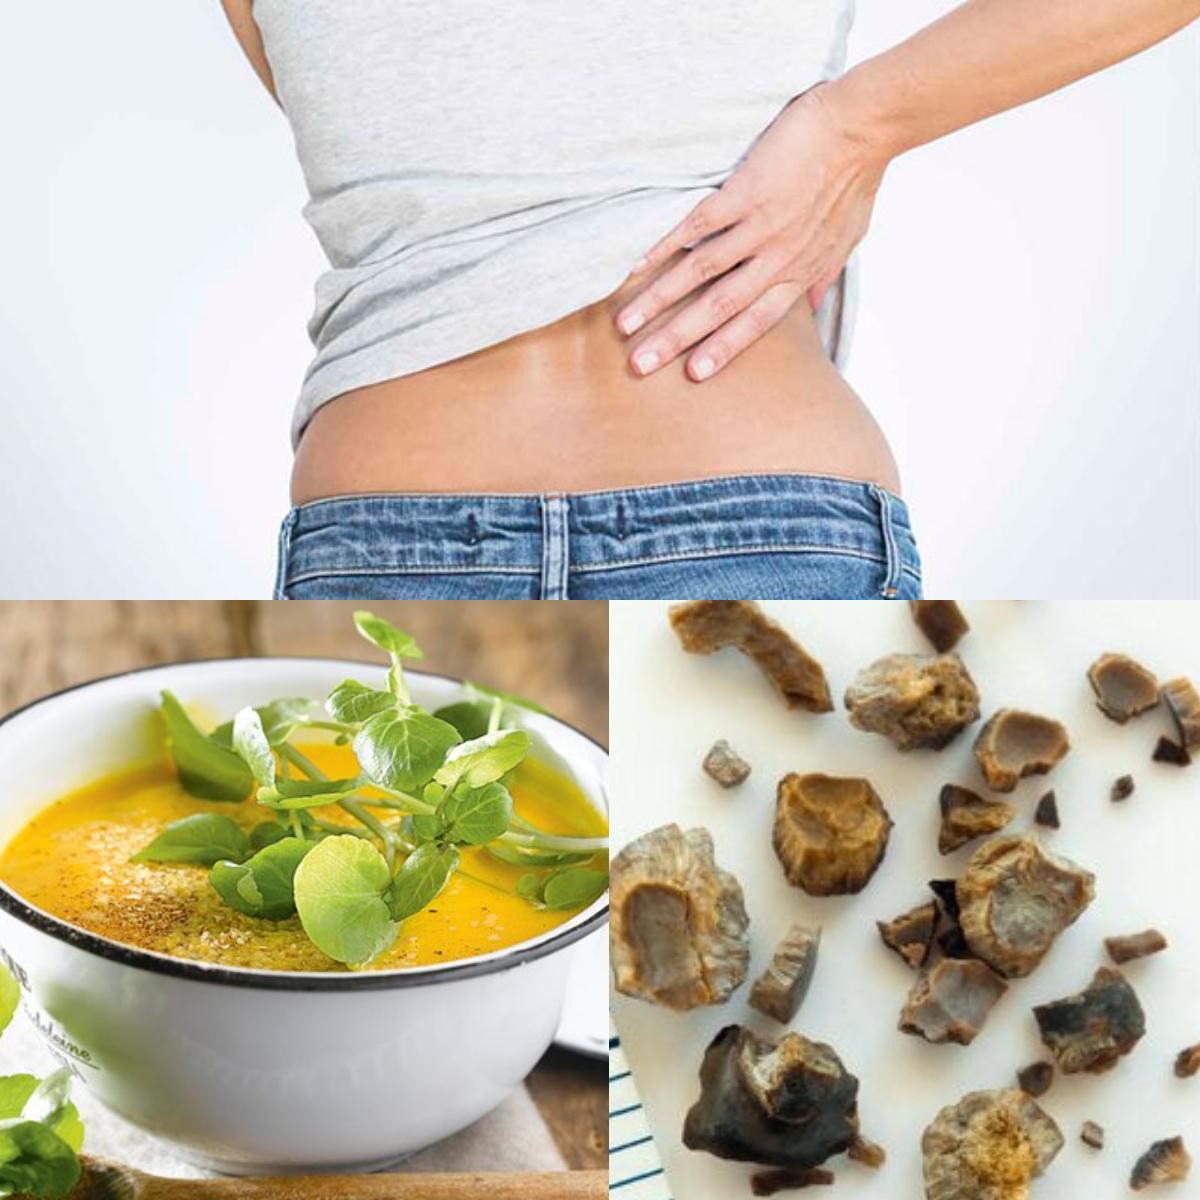 Dieta Para Eliminar Piedras En Los Riñones Consejos Y Ejemplos De Menús Salud La Revista El Universo